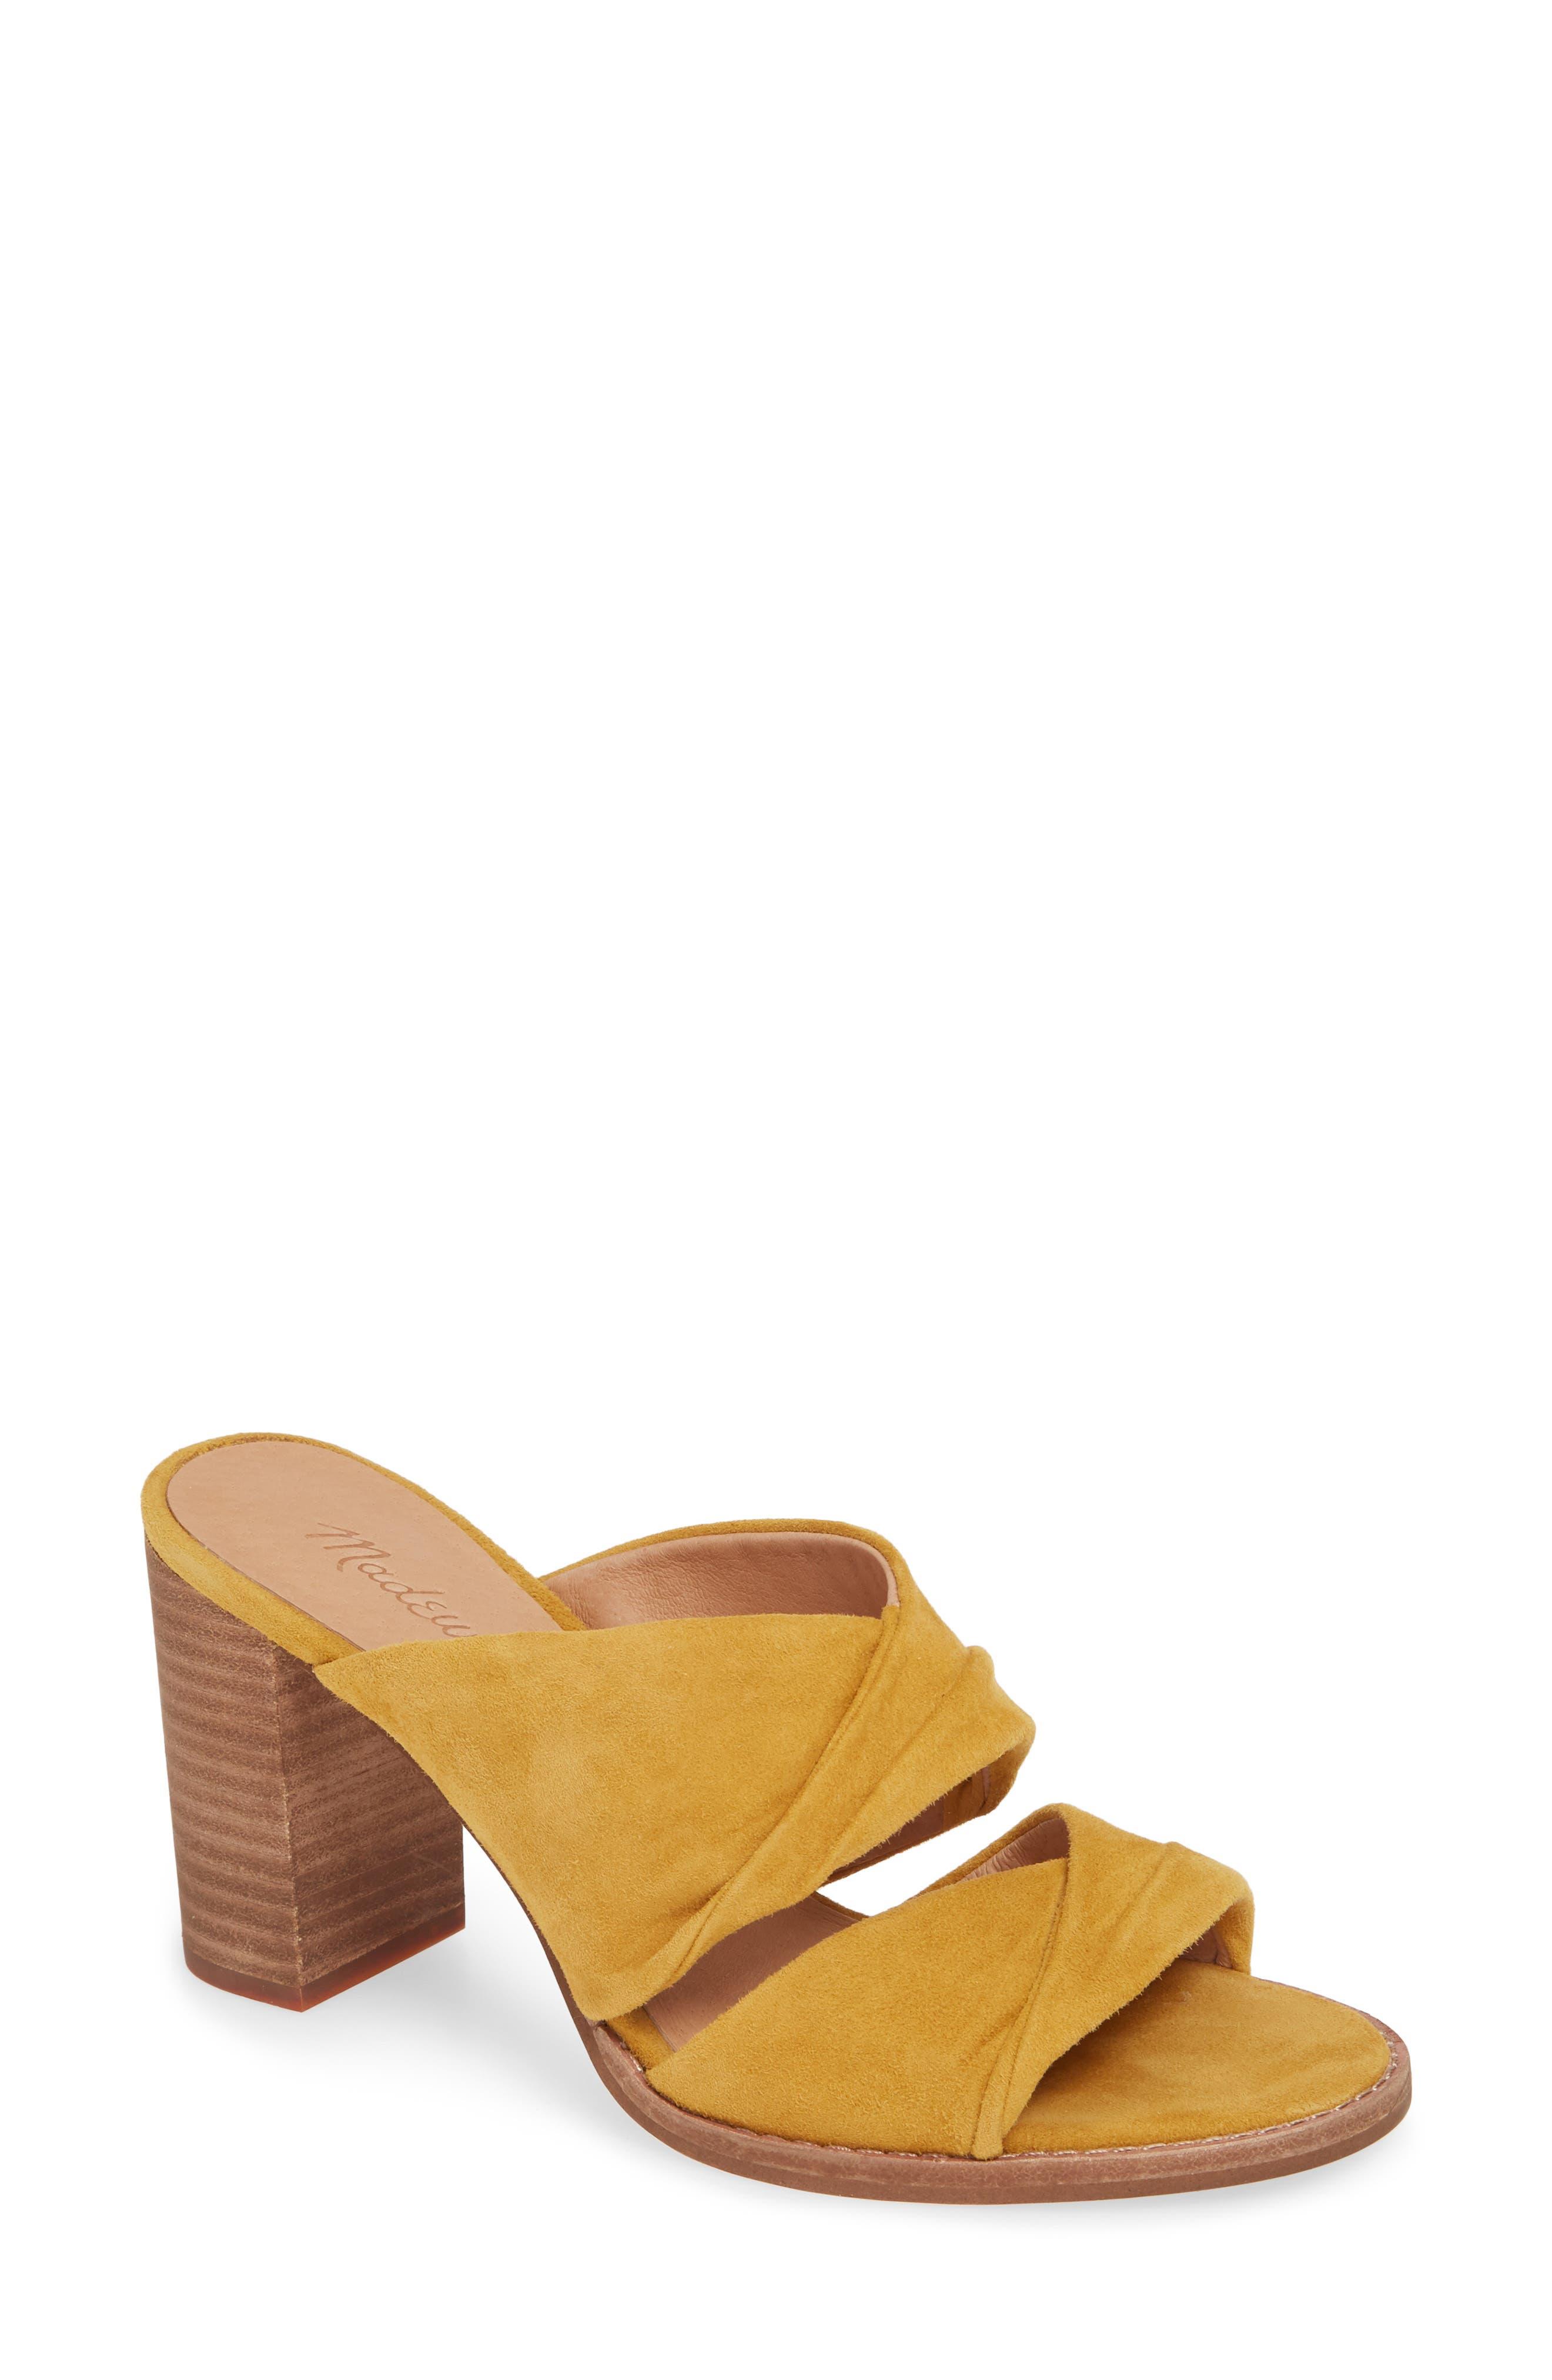 a411b335d3ee Women s Madewell Sandals